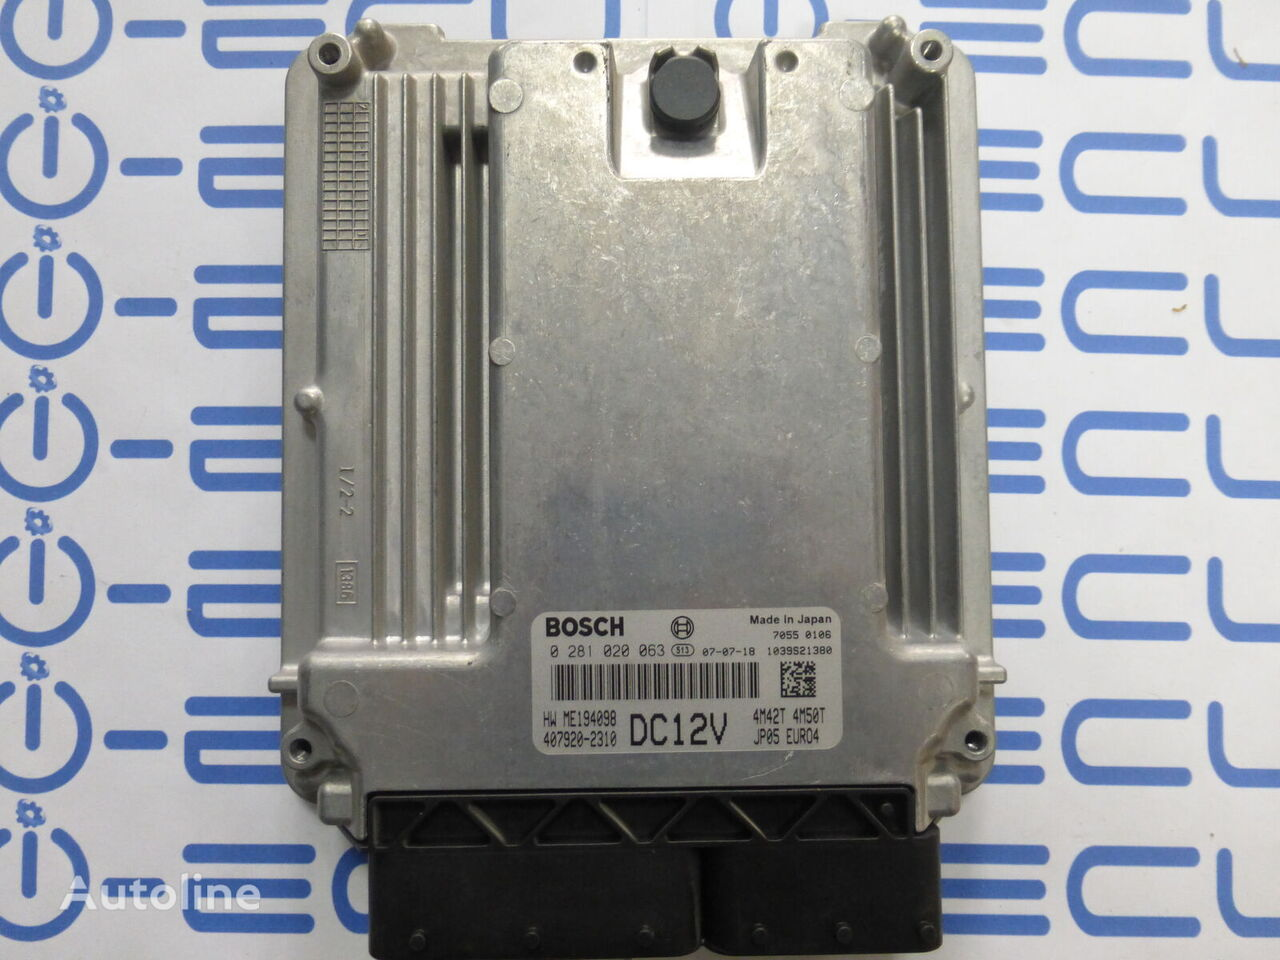 BOSCH (0281020063) unidad de control para MITSUBISHI CANTER camión nueva